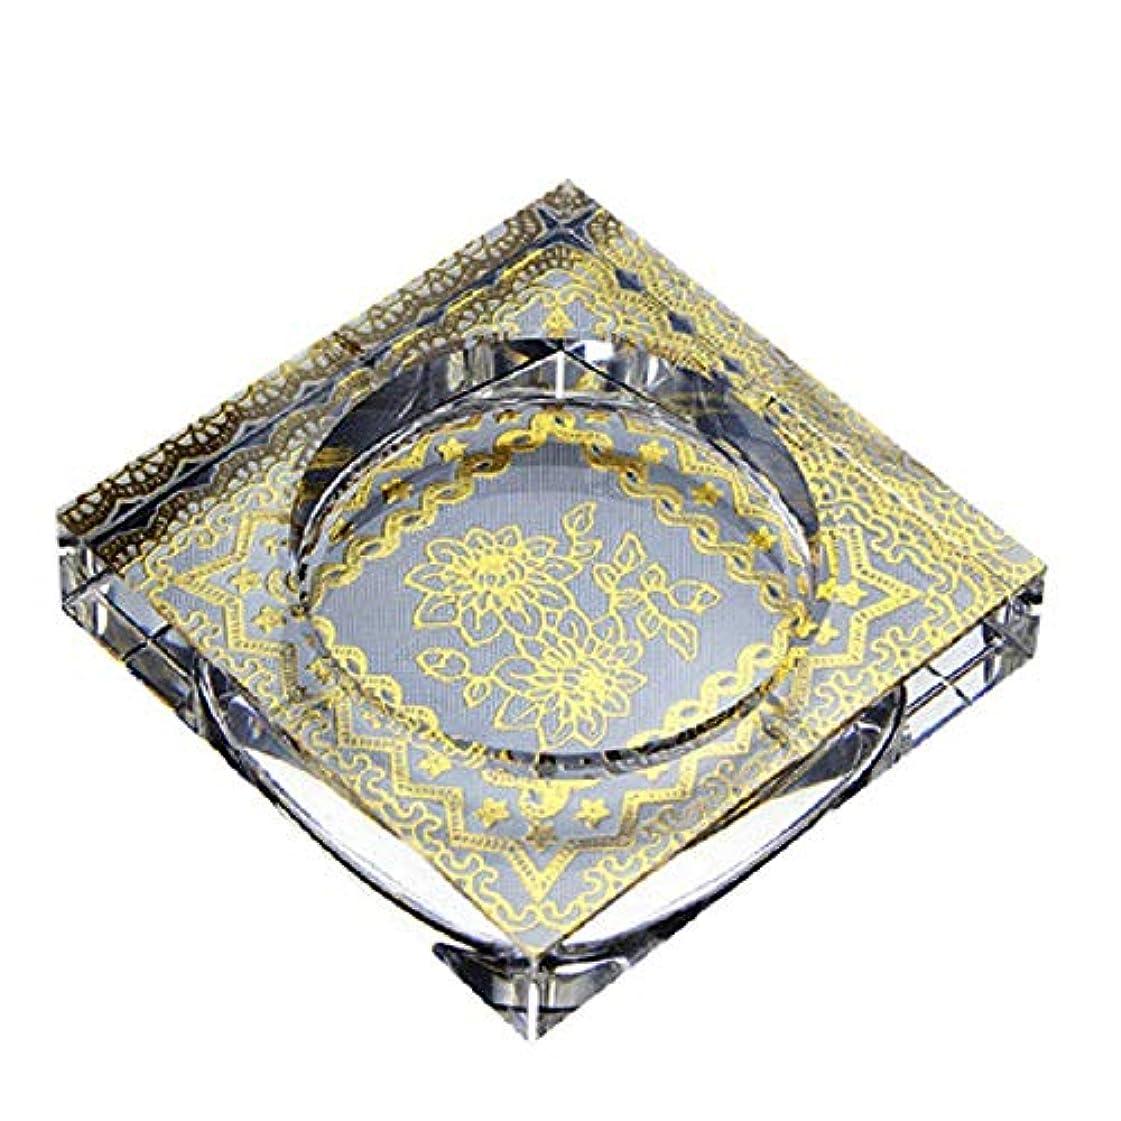 失効反対した自分の力ですべてをするタバコ、ギフトおよび総本店の装飾のための灰皿の円形の光沢のある水晶灰皿